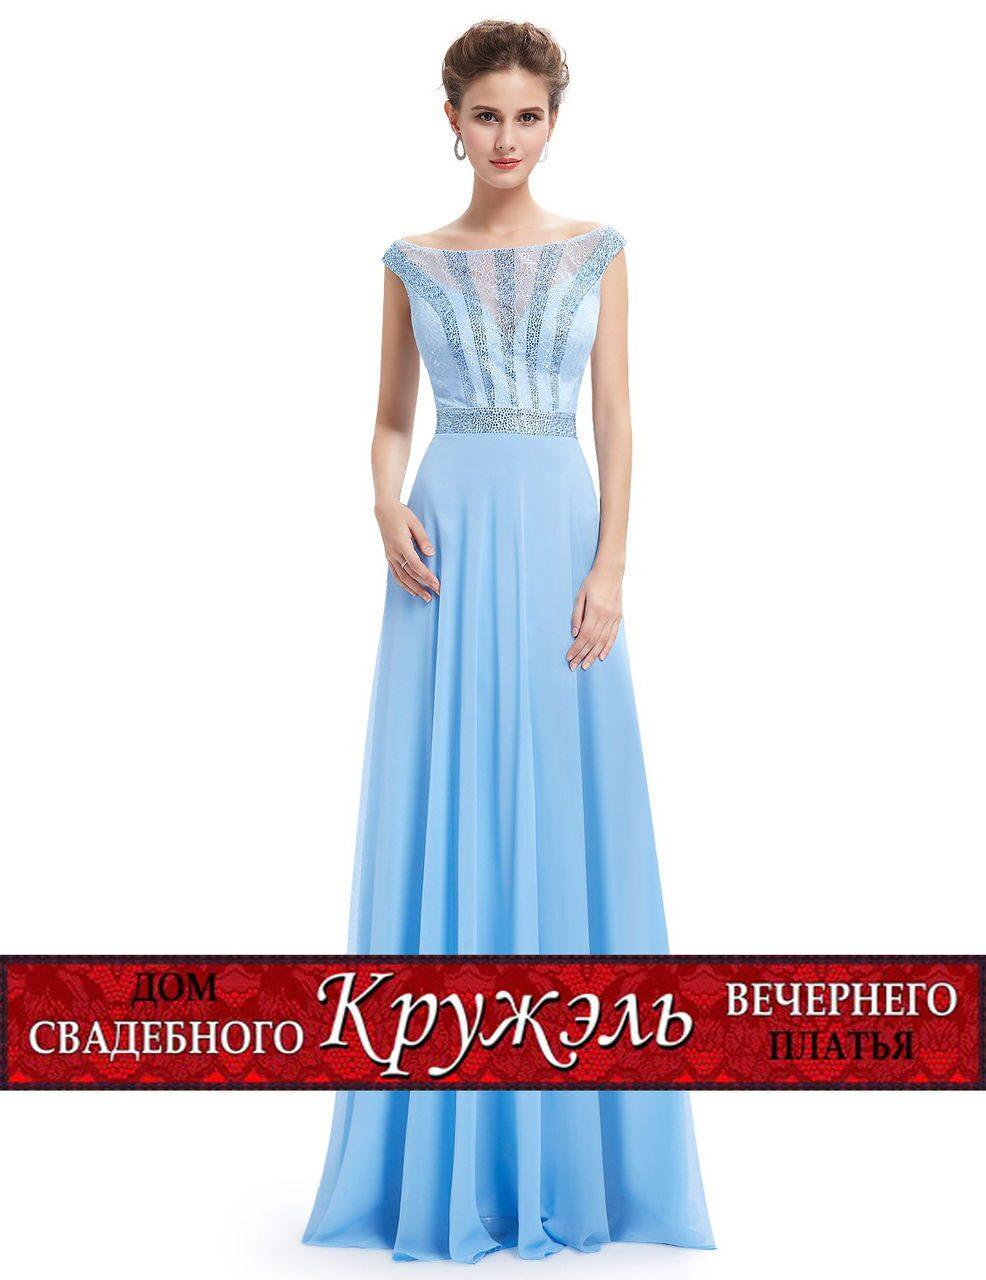 Купить Платье Вечернее Уфа